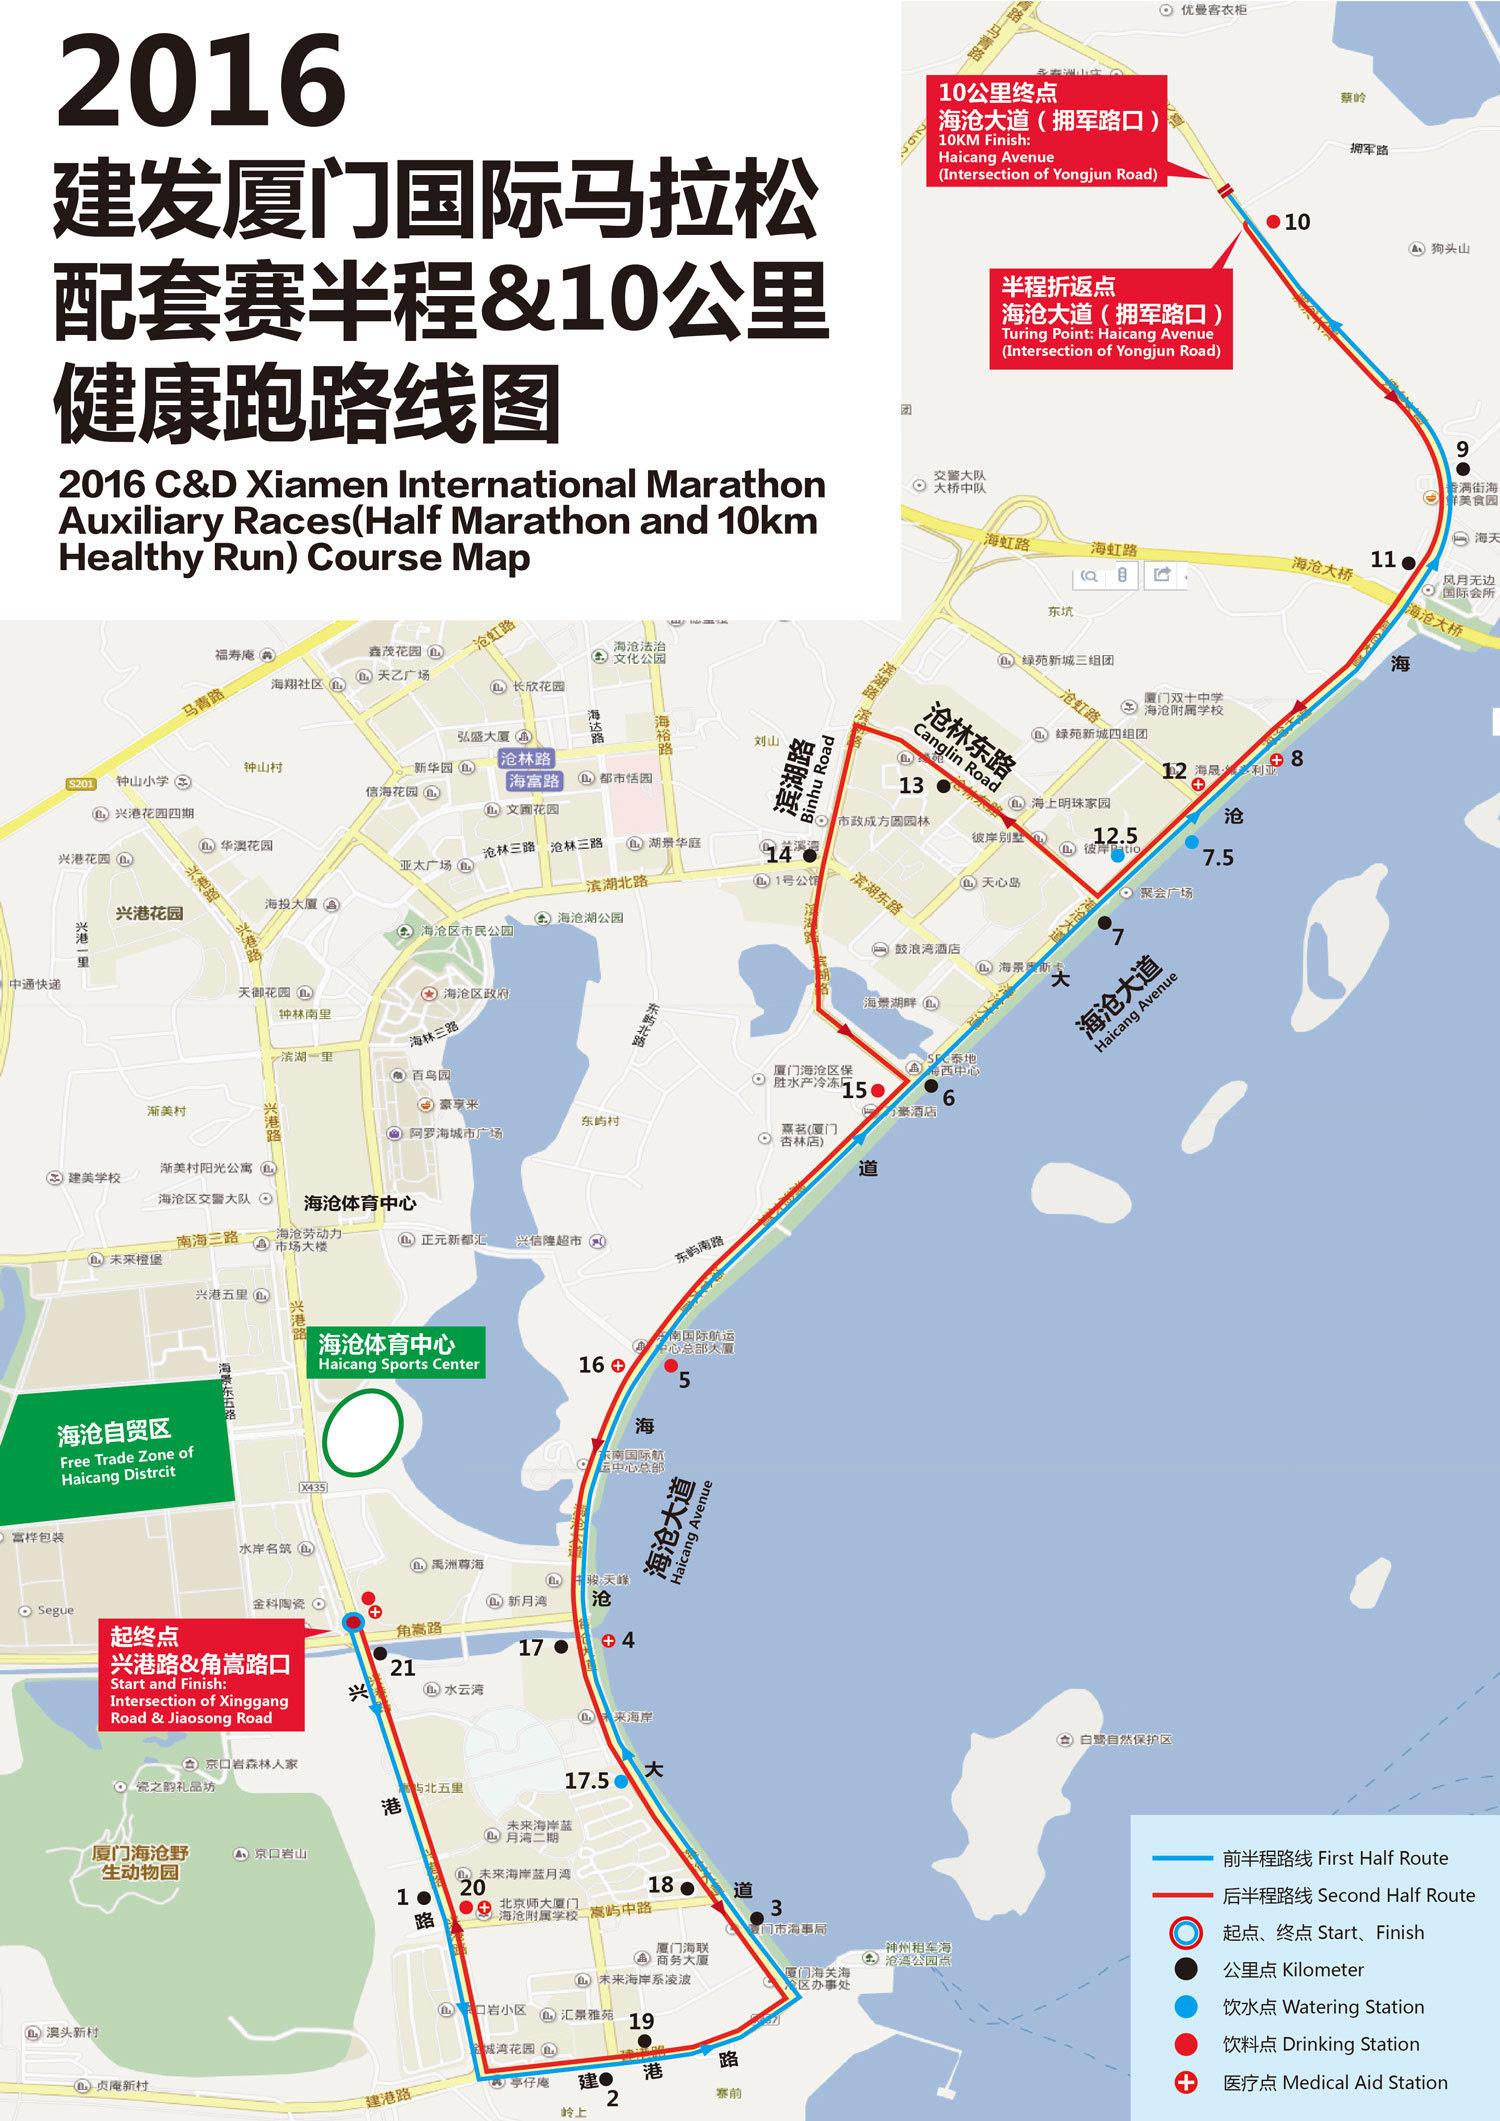 2016建发厦门国际马拉松赛路线图